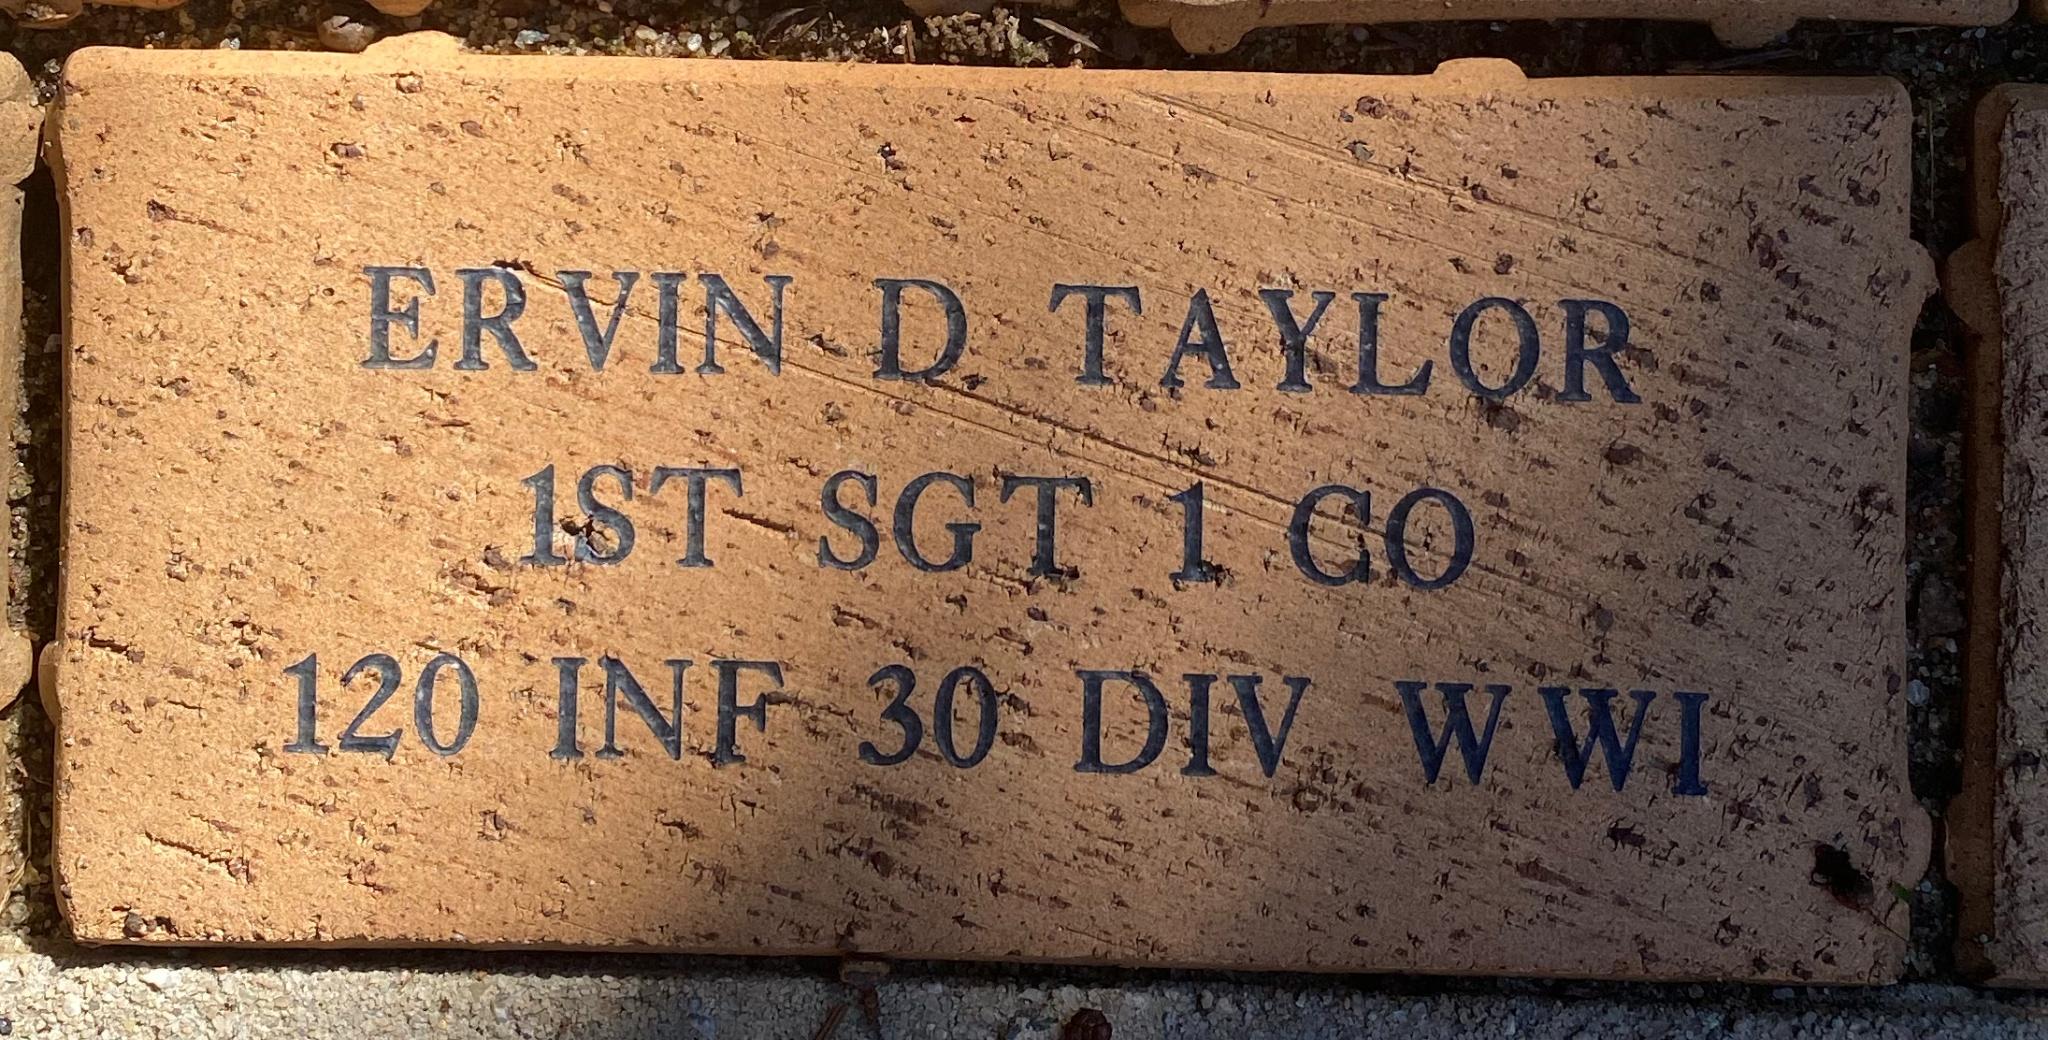 ERVIN D TAYLOR 1ST SGT I CO 120 INF 30 DIV WWI